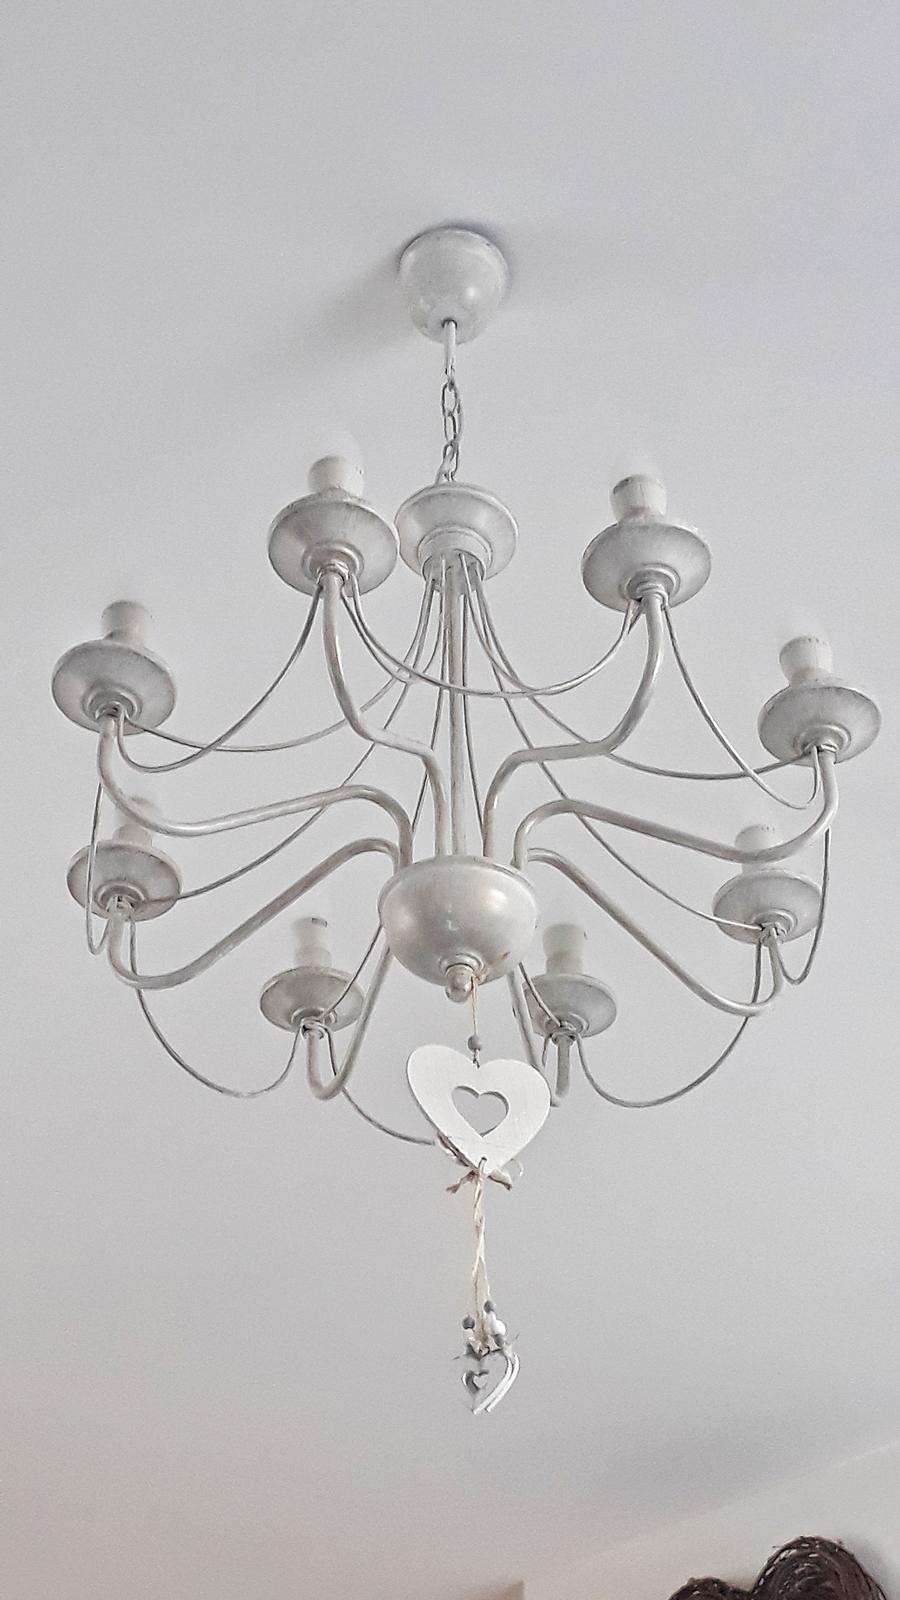 Náš domček bielo-šedý seversko-vidiecky štýl - nase lustre, ktore zboznujem